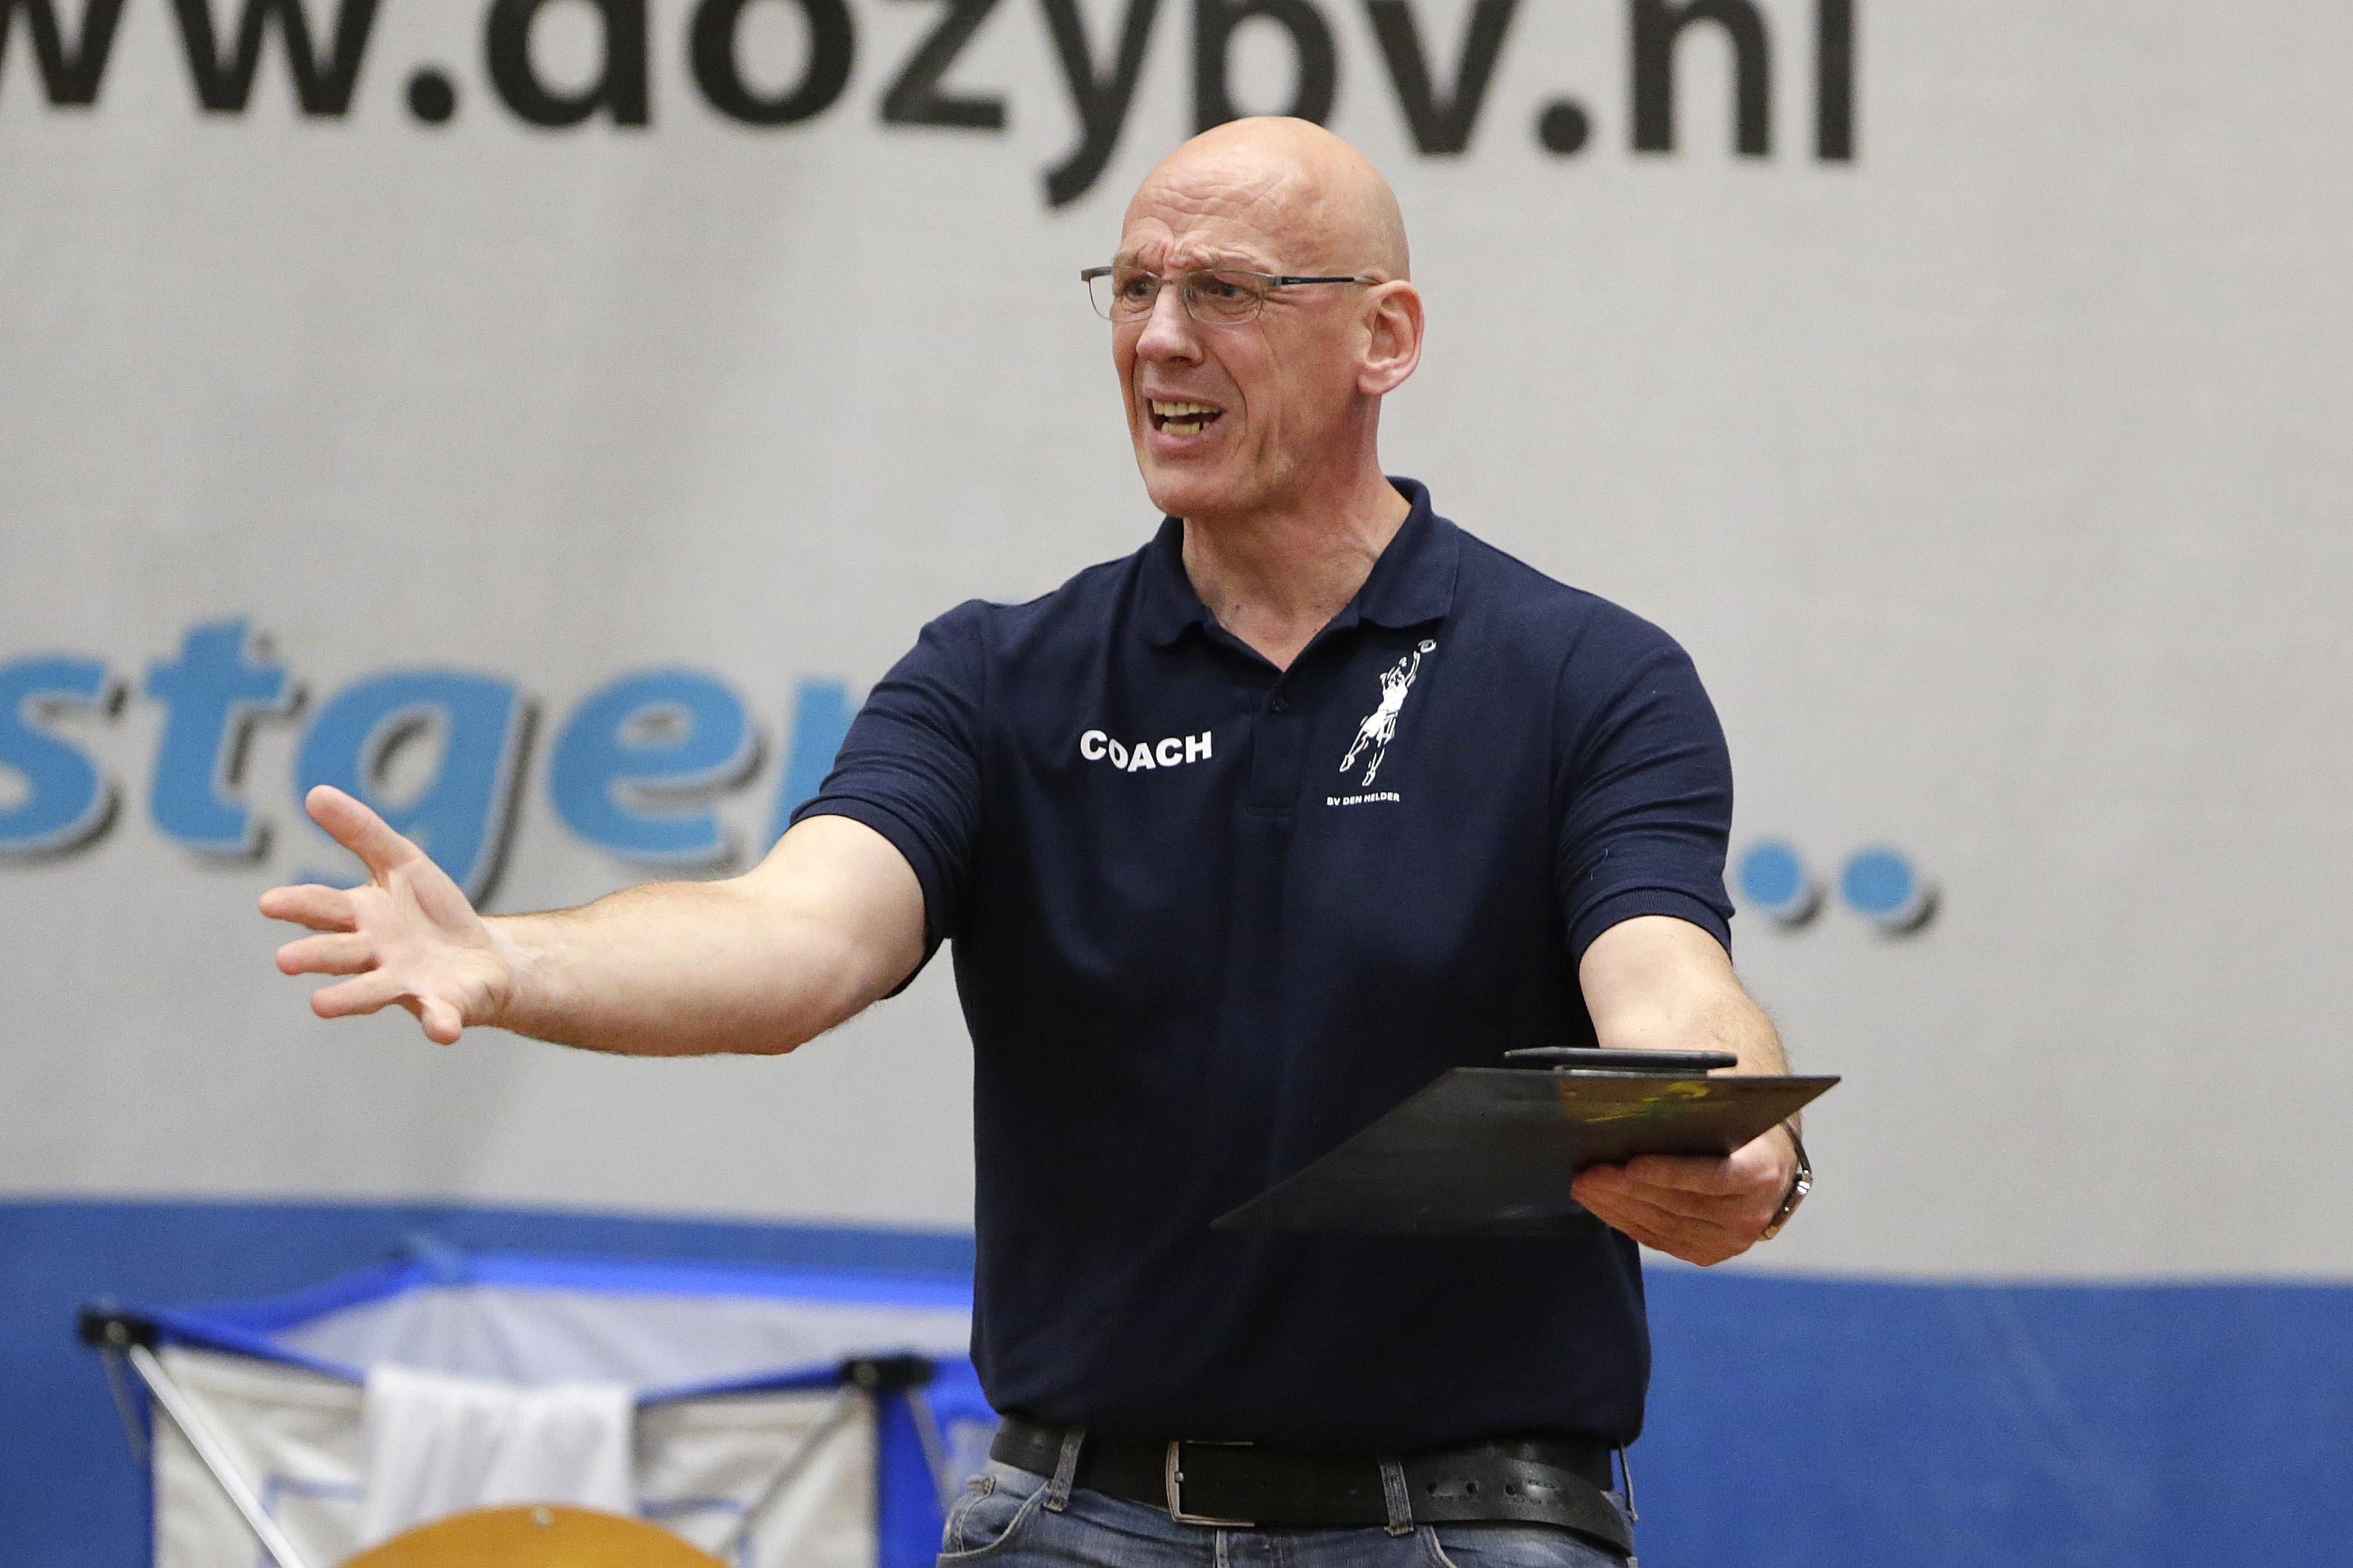 Basketbalsters Den Helder winnen wel, maar halen nog altijd niet het niveau waar coach Bennes op rekent. 'In deze fase van de competitie moeten we verder zijn'